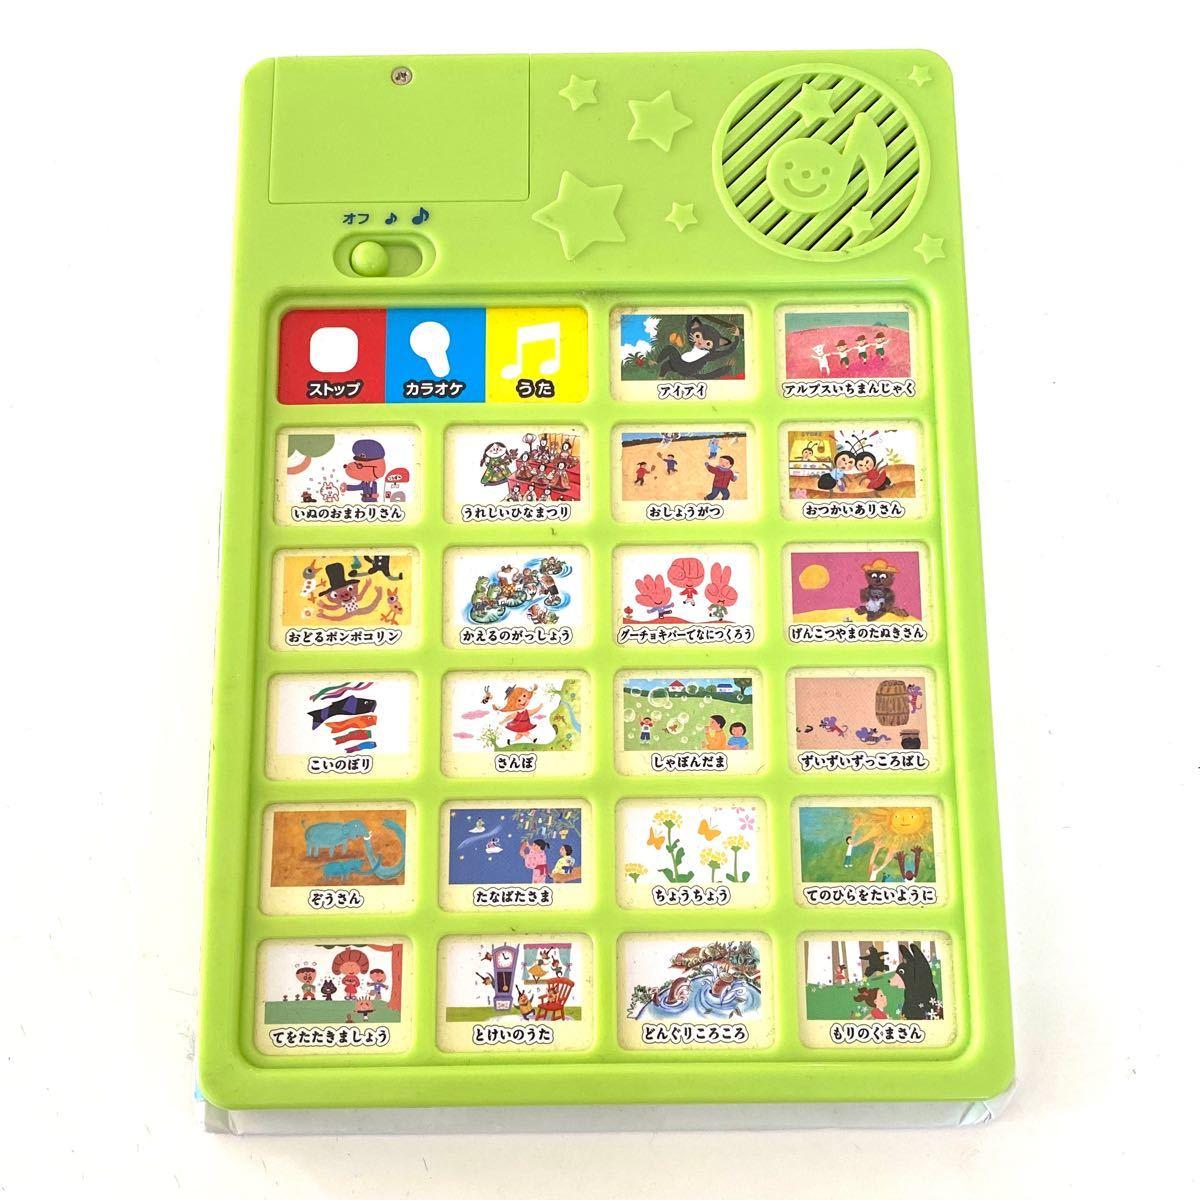 絵本 知育玩具 まとめ セット 幼児 ひらがな勉強 音 リズム遊び 音楽